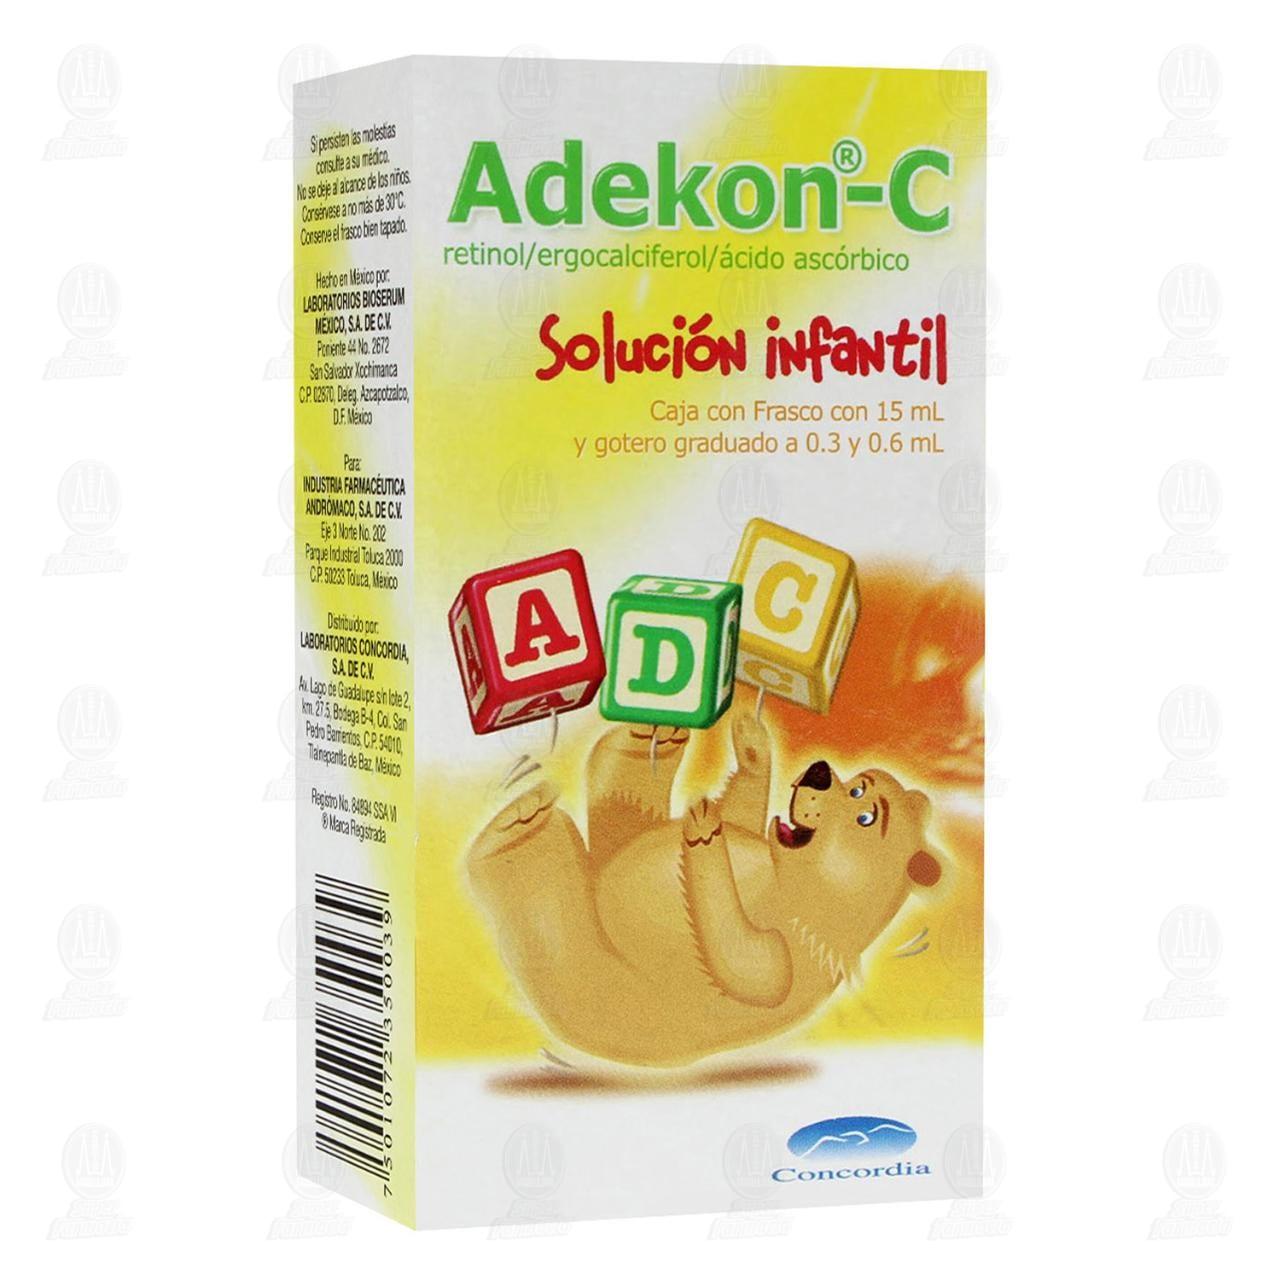 comprar https://www.movil.farmaciasguadalajara.com/wcsstore/FGCAS/wcs/products/37834_A_1280_AL.jpg en farmacias guadalajara